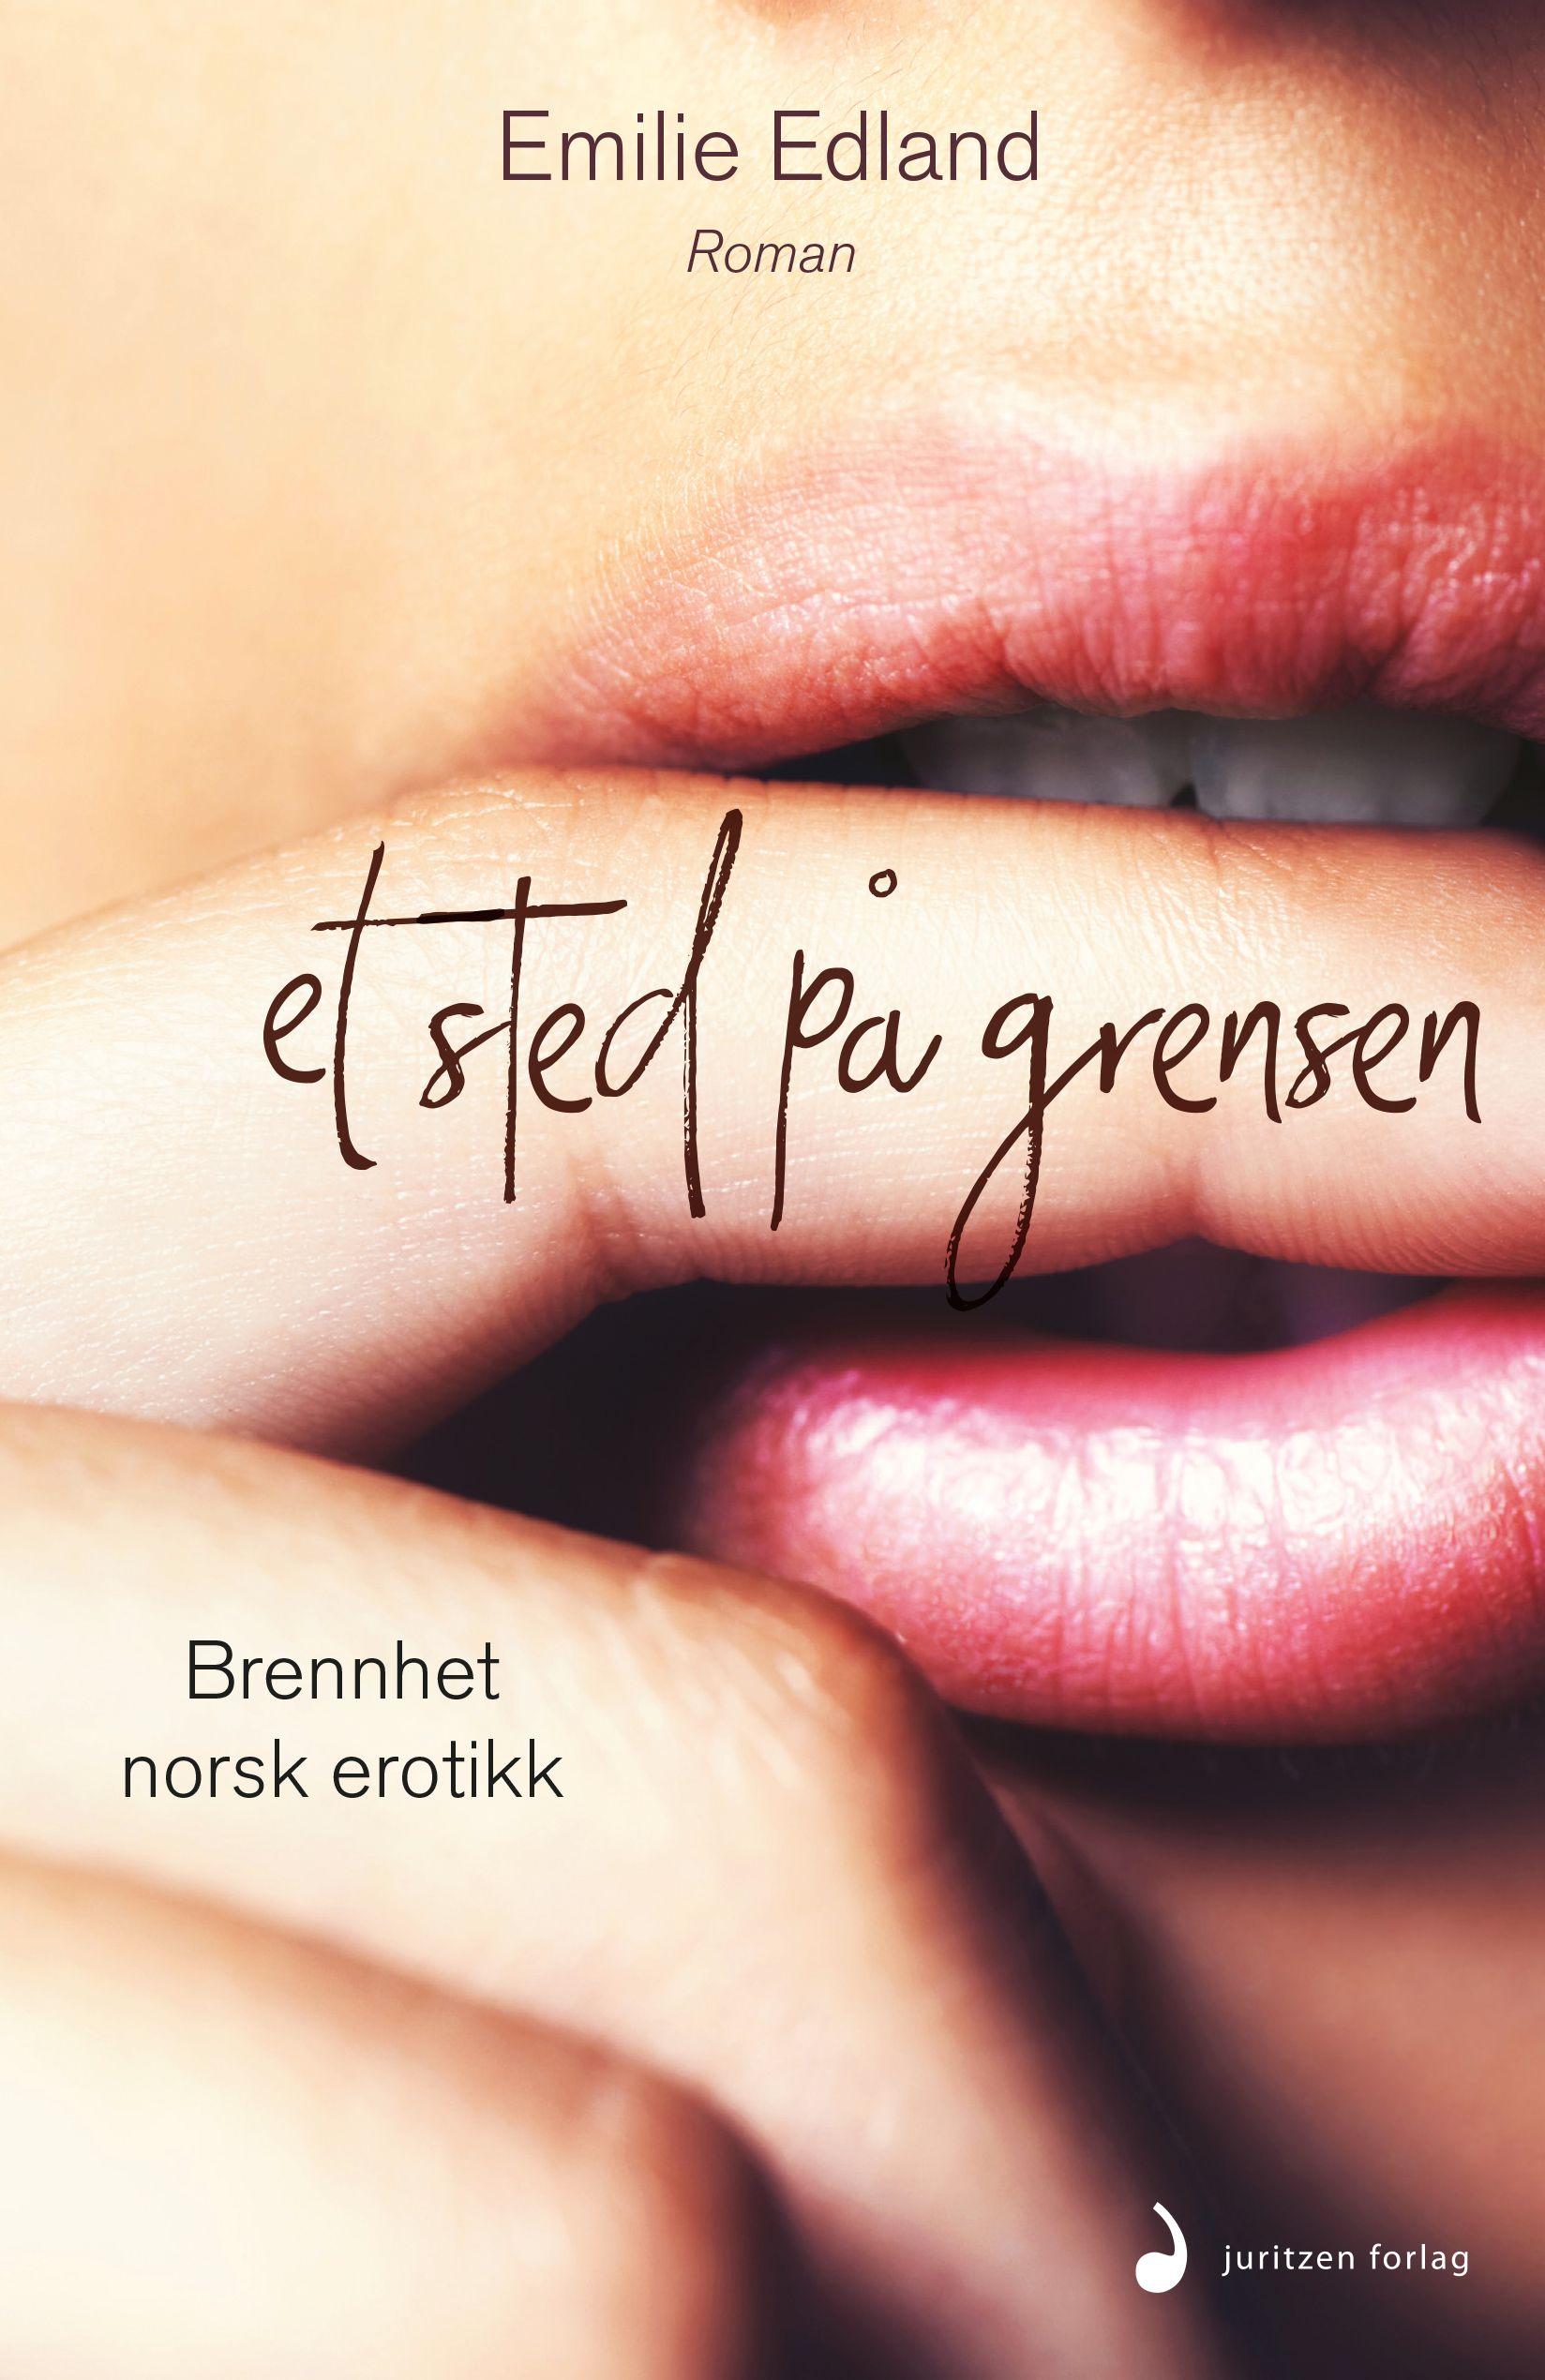 PSEUDONYM: Bak Emilie Edland skjuler det seg en 31 år gammel norsk kvinnelig forfatterdebutant som har master i litteraturvitenskap og som har en jobb som gjør at hun ikke vil stå frem med sitt egentlige navn.